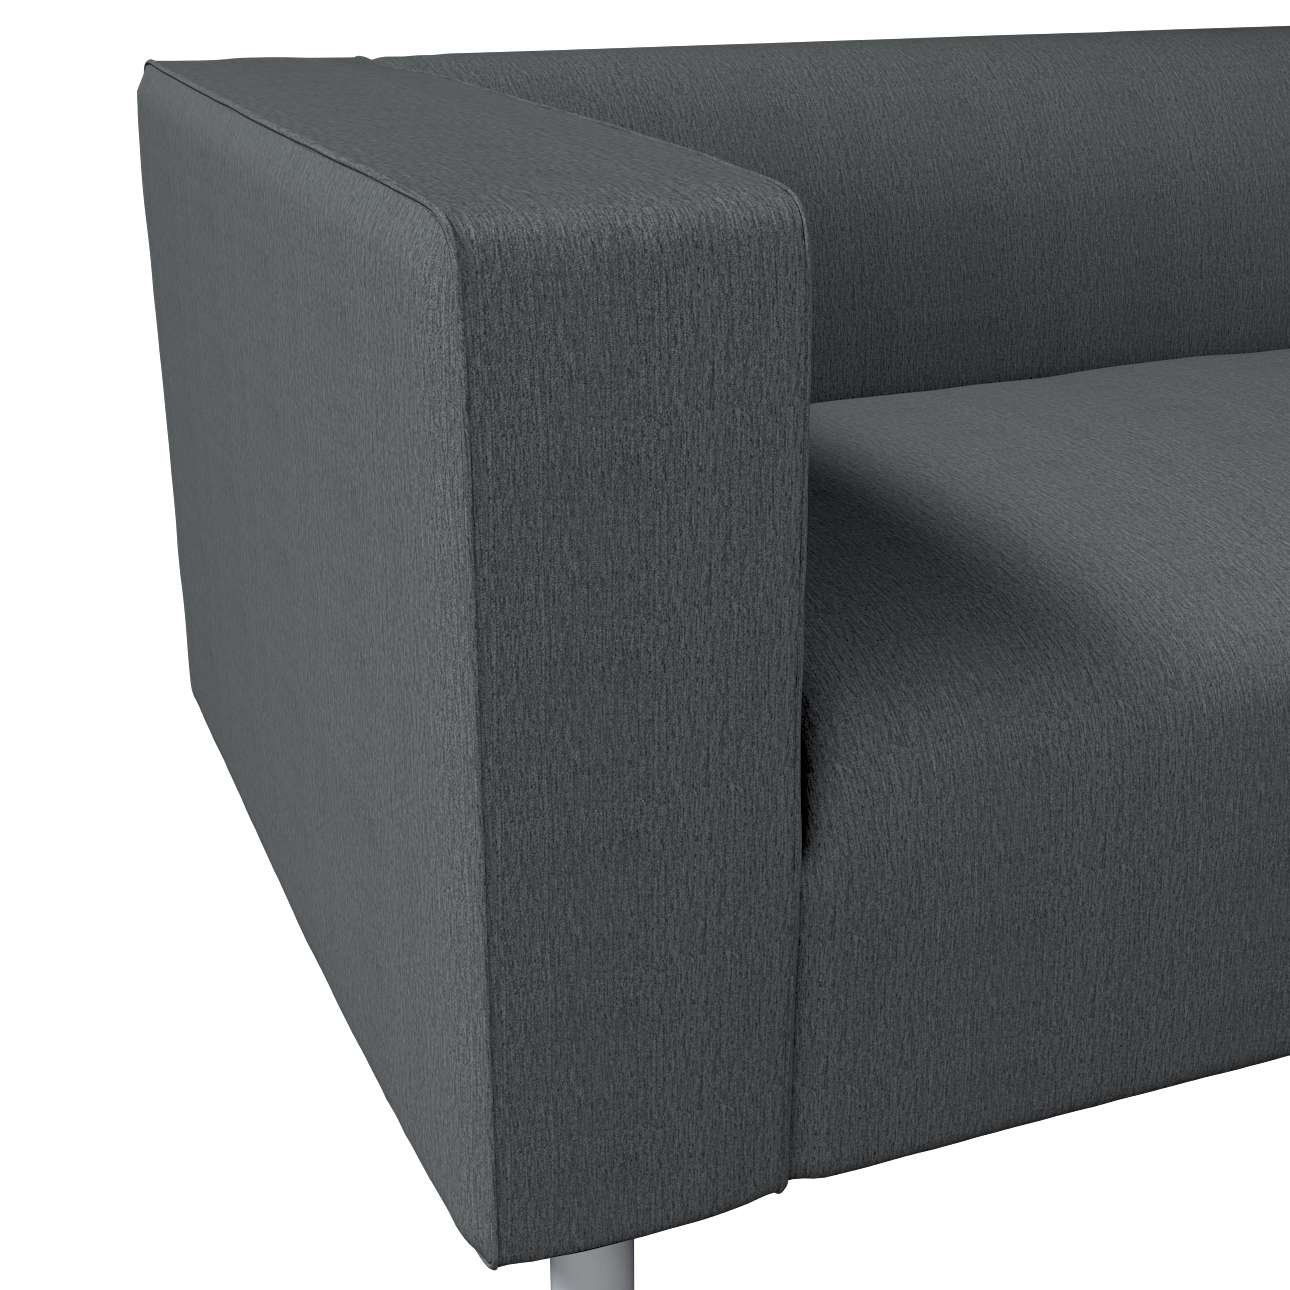 KLIPPAN dvivietės sofos užvalkalas kolekcijoje Chenille, audinys: 702-20